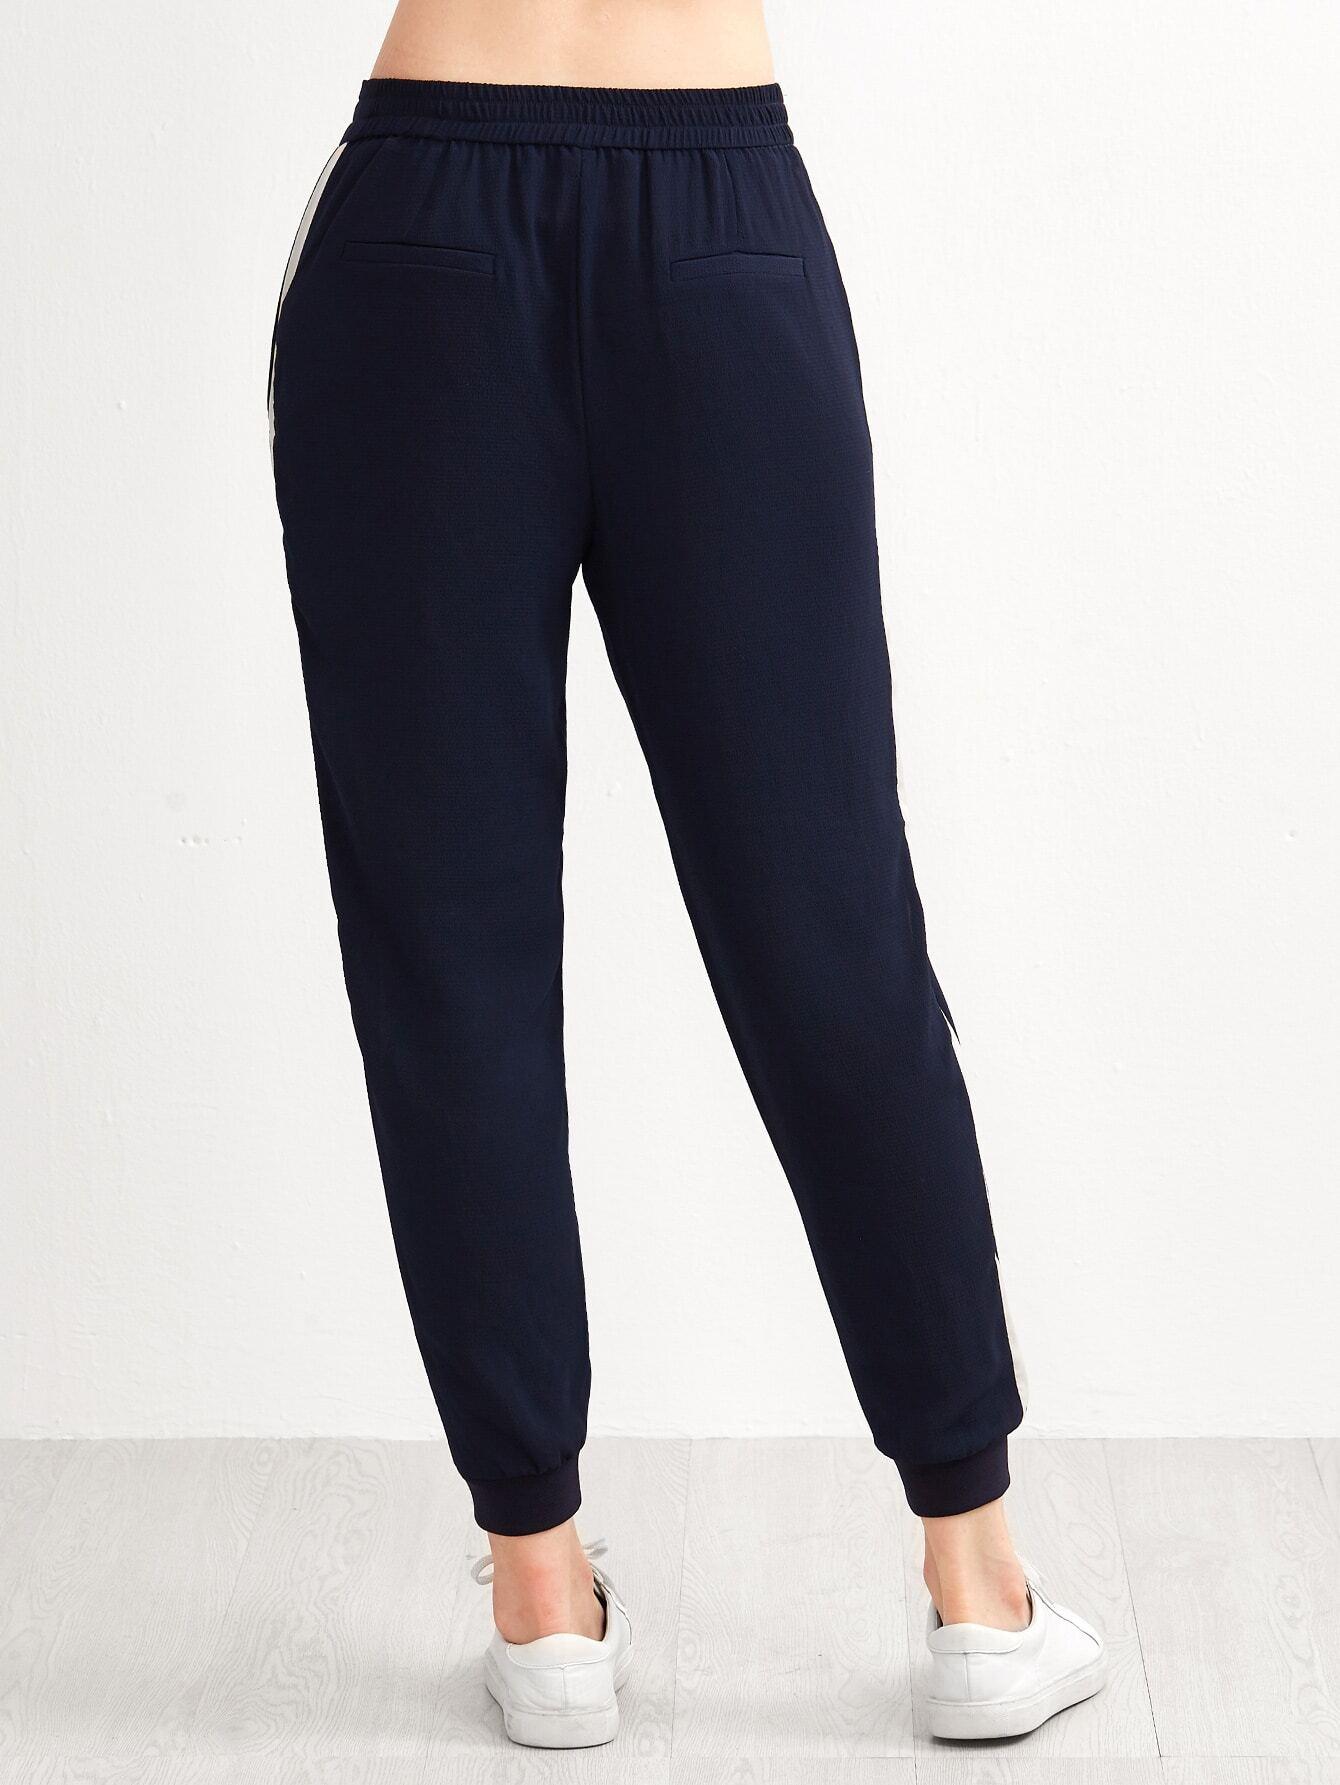 pants160907401_2